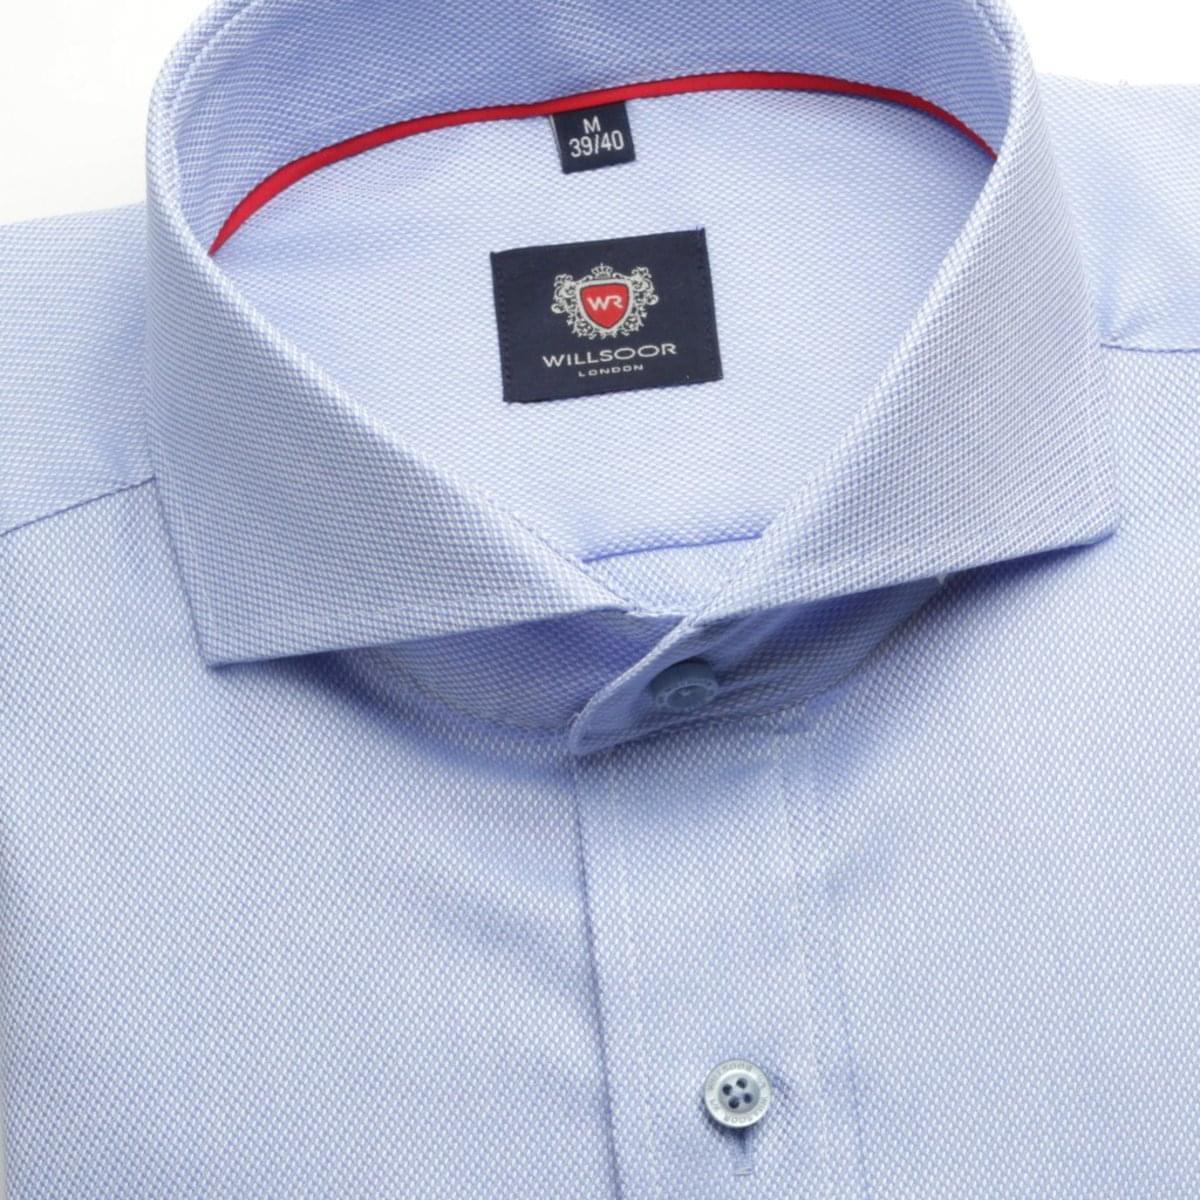 Pánská klasická košile London (výška 188-194) 6324 v modré barvě s úpravou easy care 188-194 / XL (43/44)